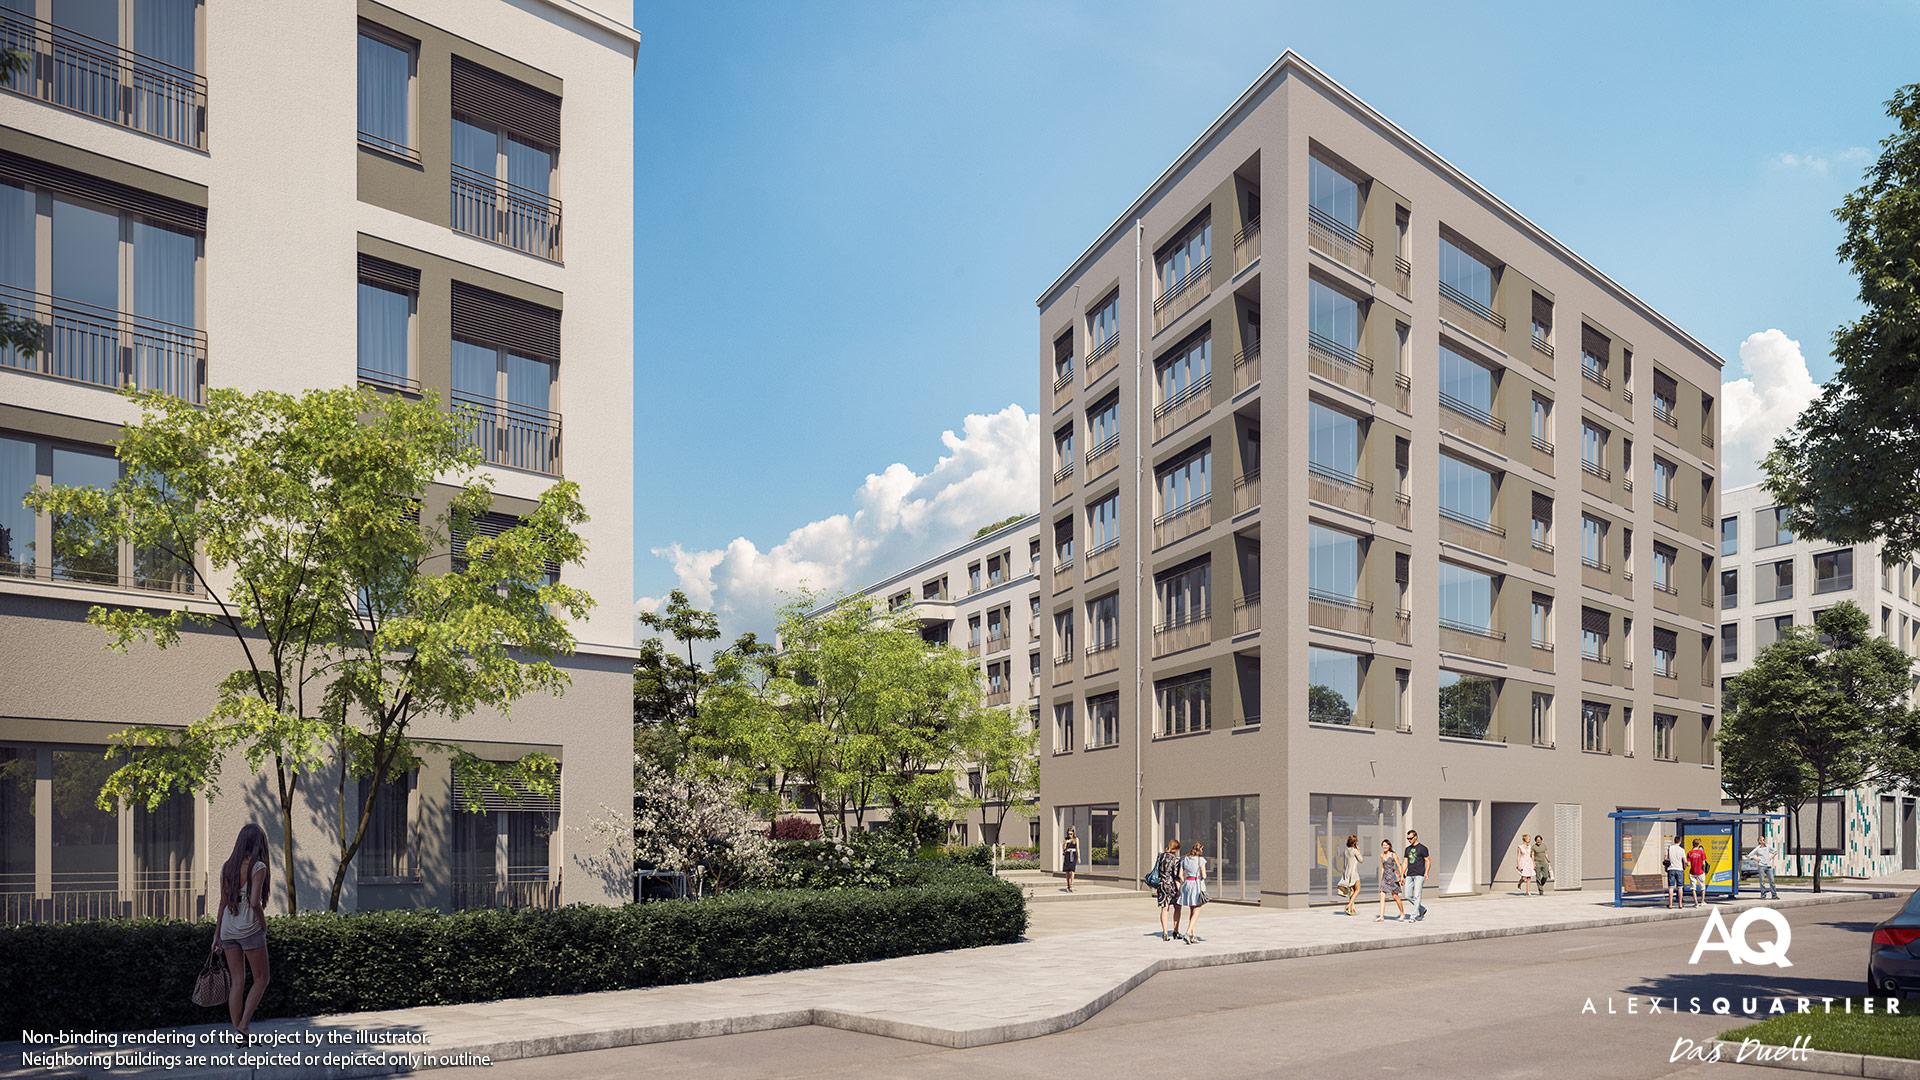 Condominiums Alexisquartier - Das Duett - Illustration 5